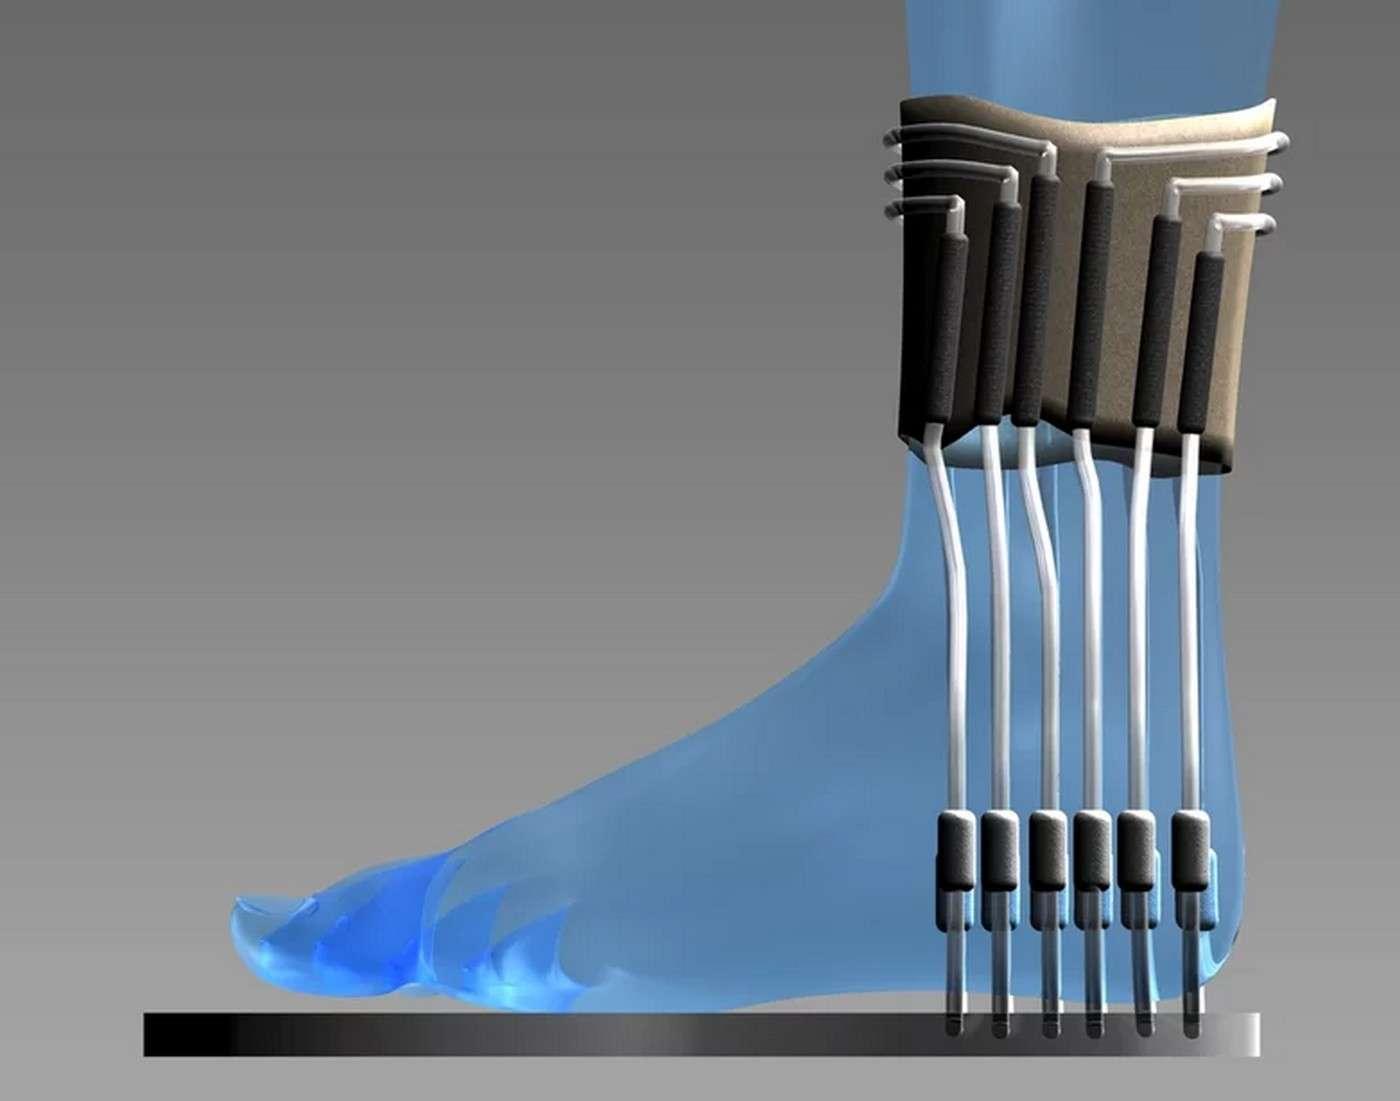 Une représentation simulée de la chaussette à pile microbienne utilisant l'urine pour produire de l'électricité. Le prototype fonctionnel est beaucoup moins ergonomique (voir photo ci-dessous)… © Université de l'Ouest de l'Angleterre